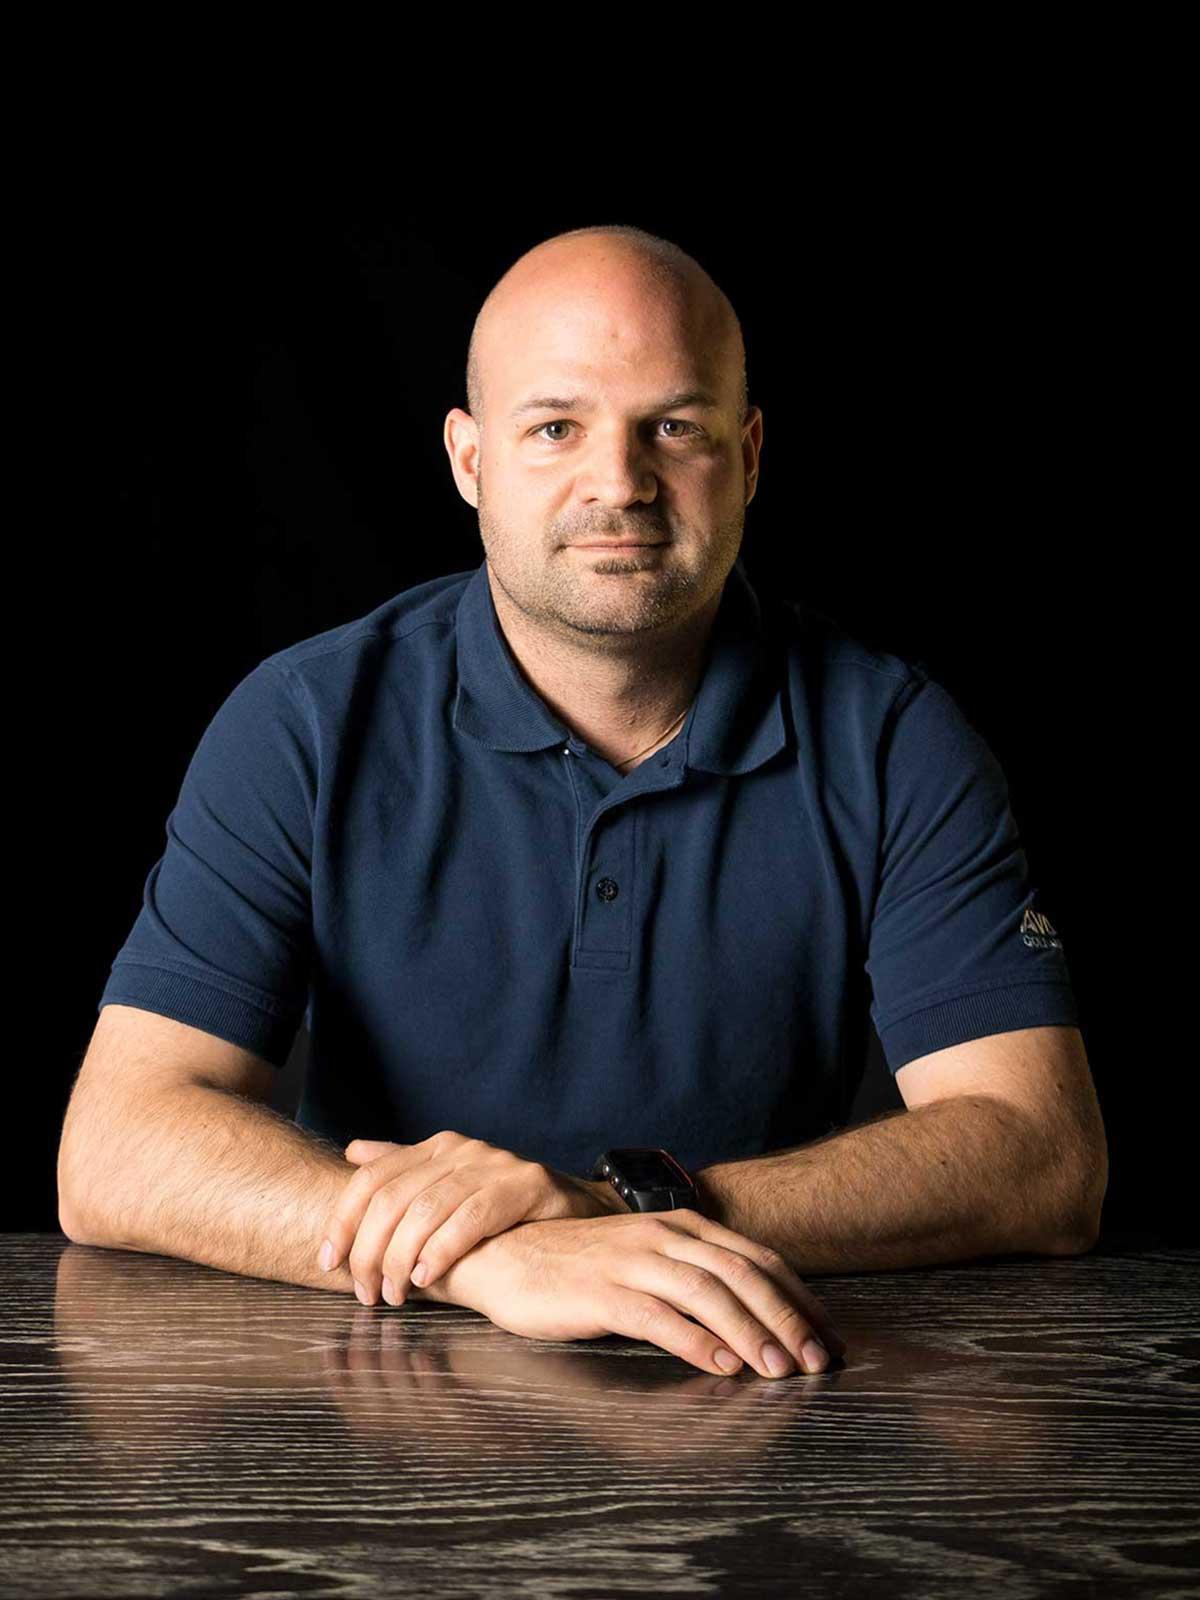 Patrick Hölterhoff, avd goldach ag, lehrlingsausbildner